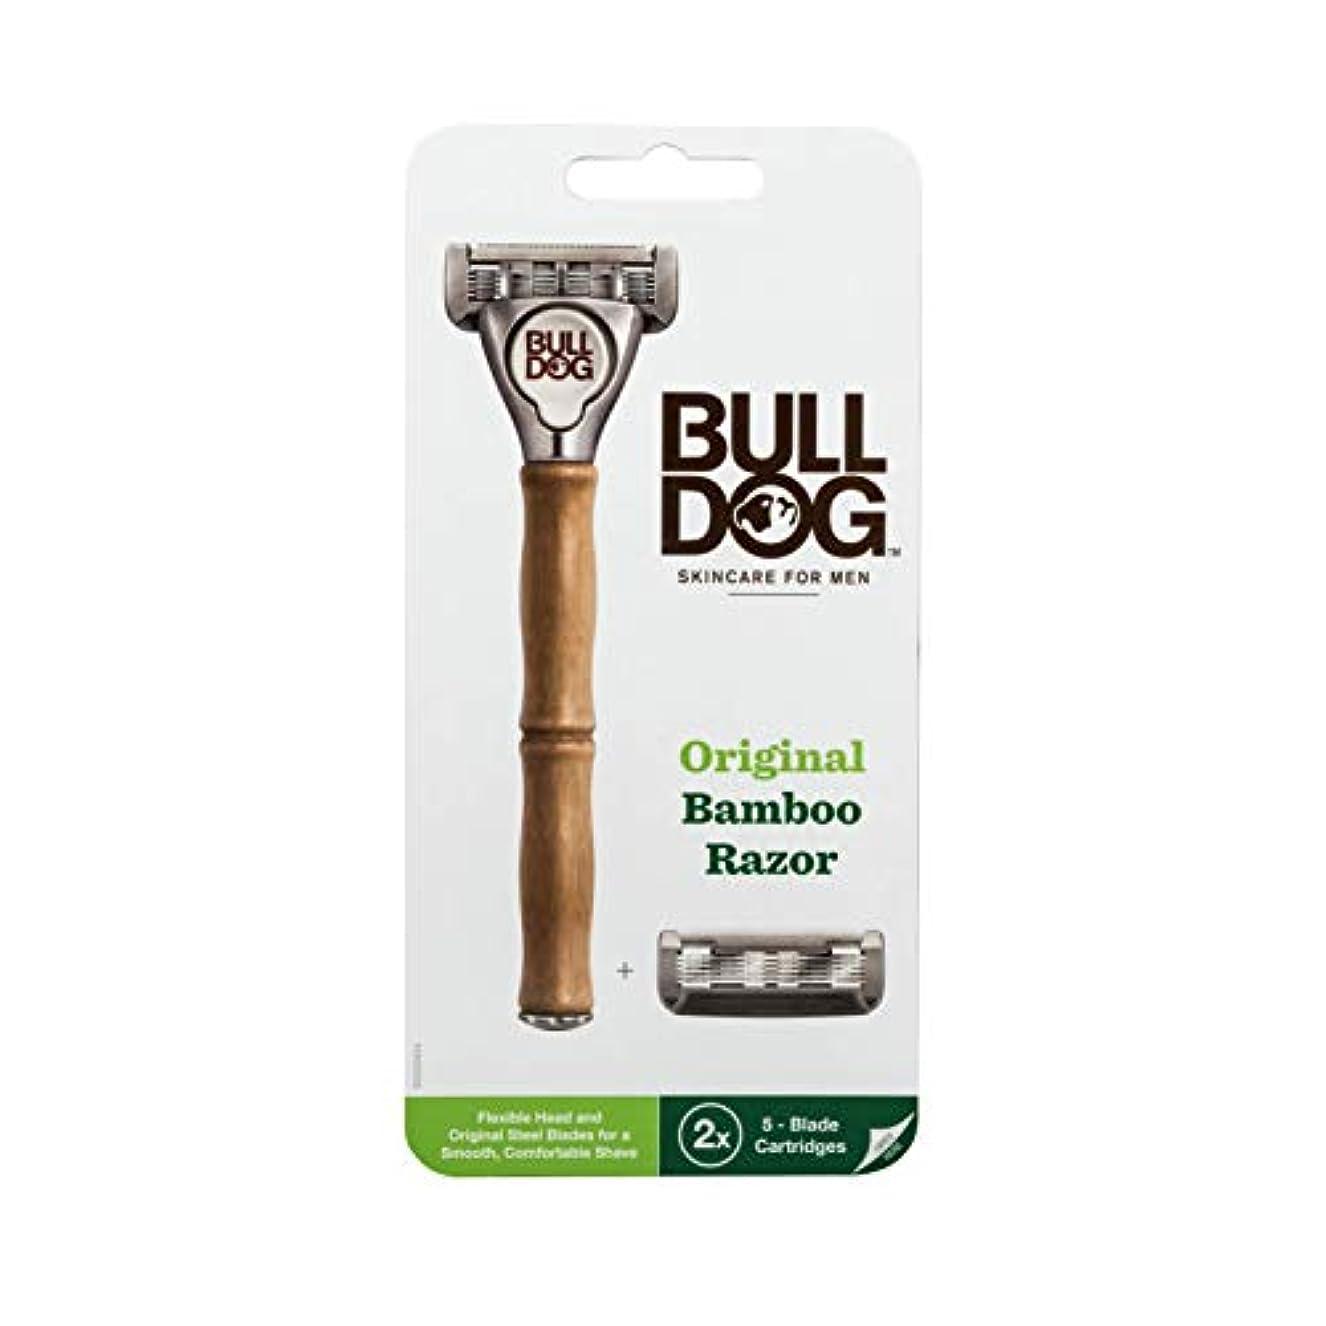 ホーンリビングルーム謝罪するBulldog(ブルドッグ) ブルドッグ Bulldog 5枚刃 オリジナルバンブーホルダー 水に強い竹製ハンドル 替刃 2コ付 男性カミソリ ホルダー(1本)、替刃2コ付き(内1コ本体装着済み)